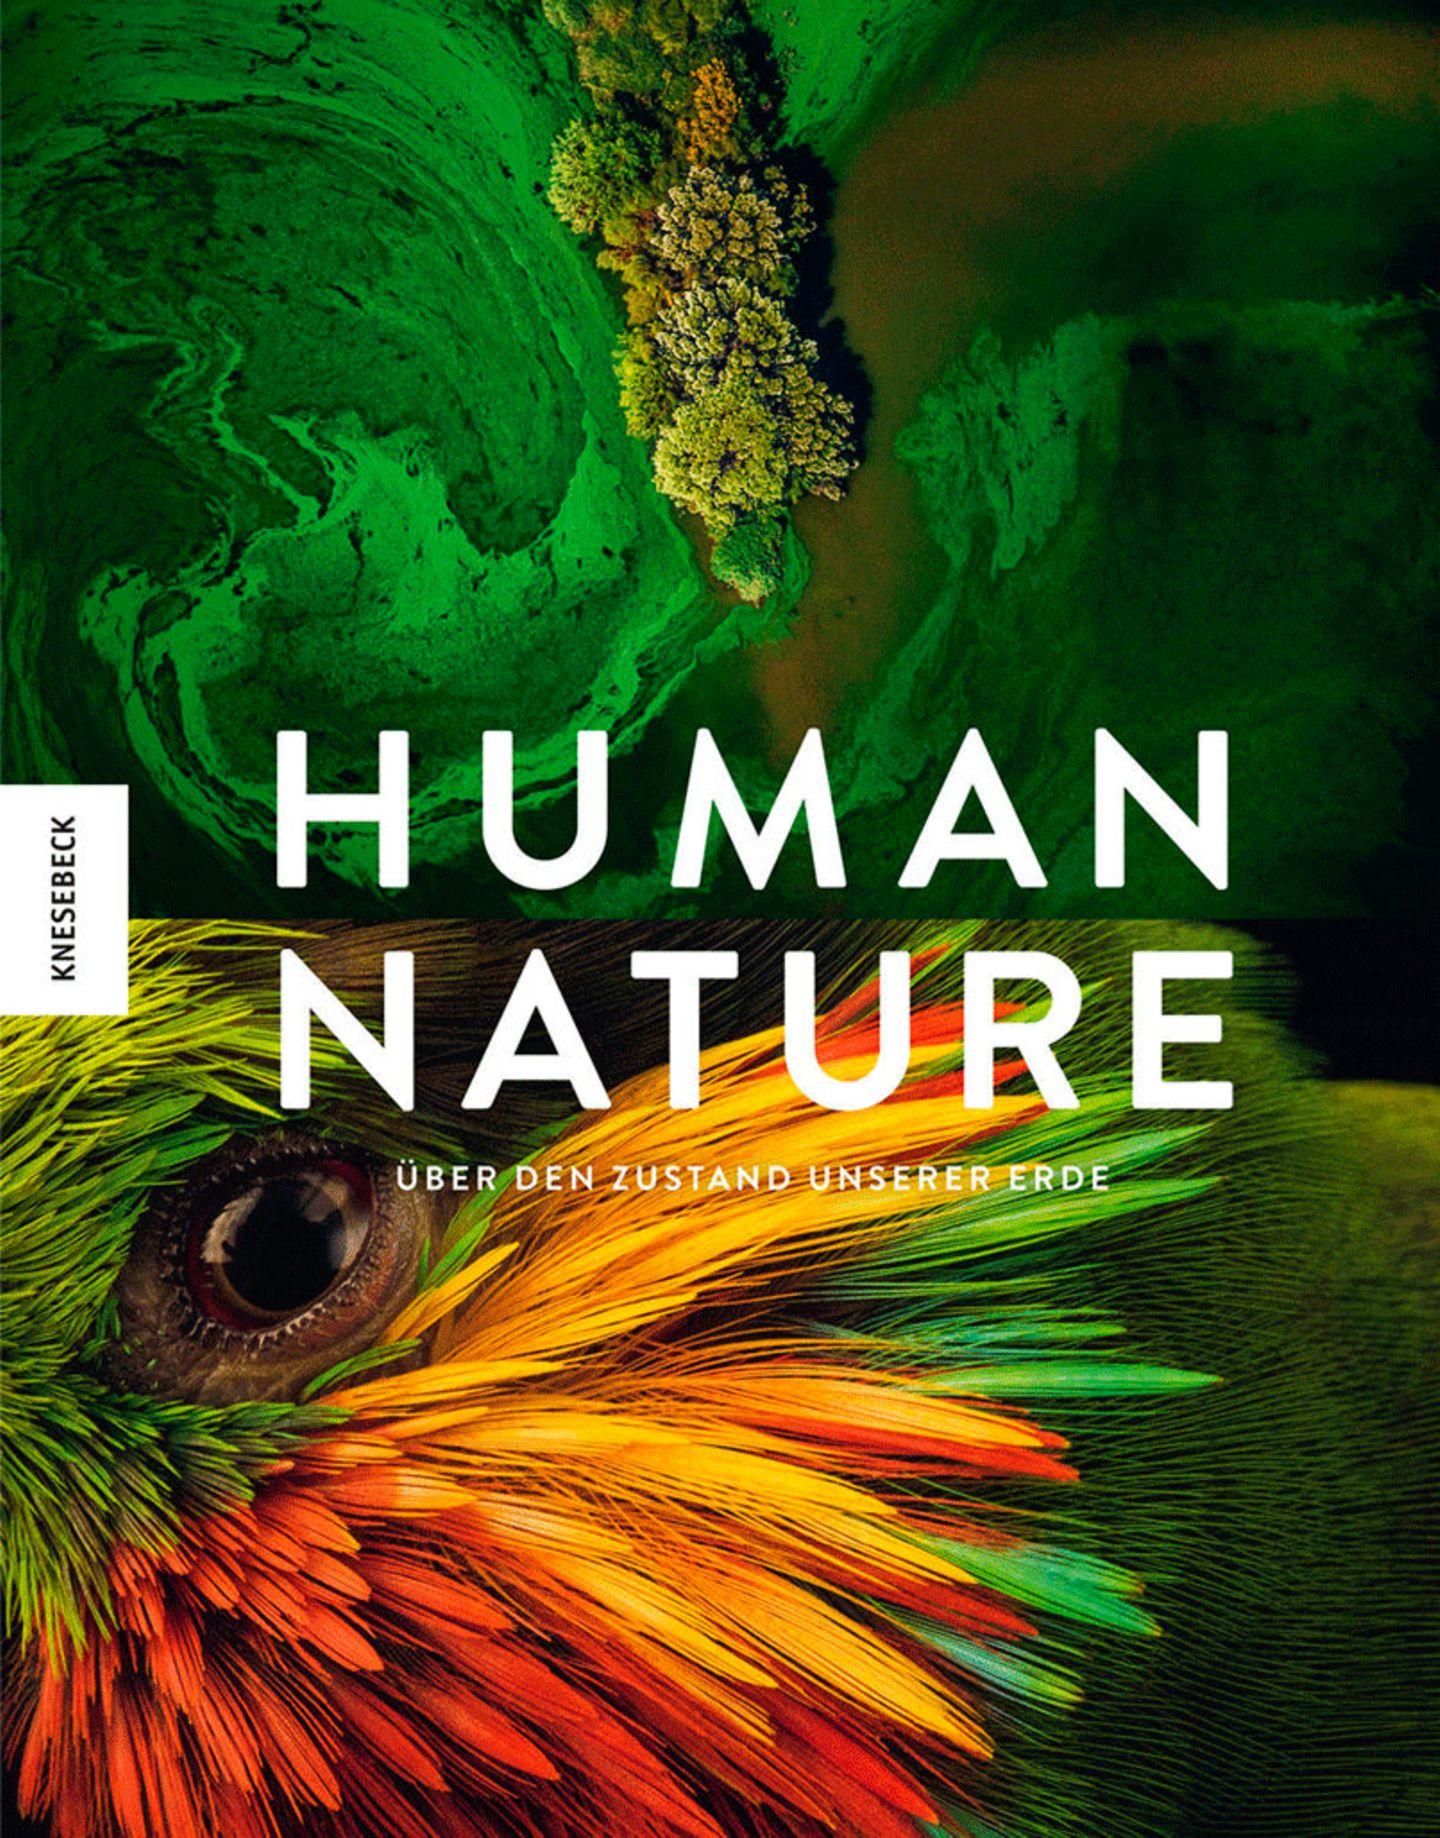 Umweltfotografie: Kraftvolle Bilder über den Zustand unserer Erde - Bild 13